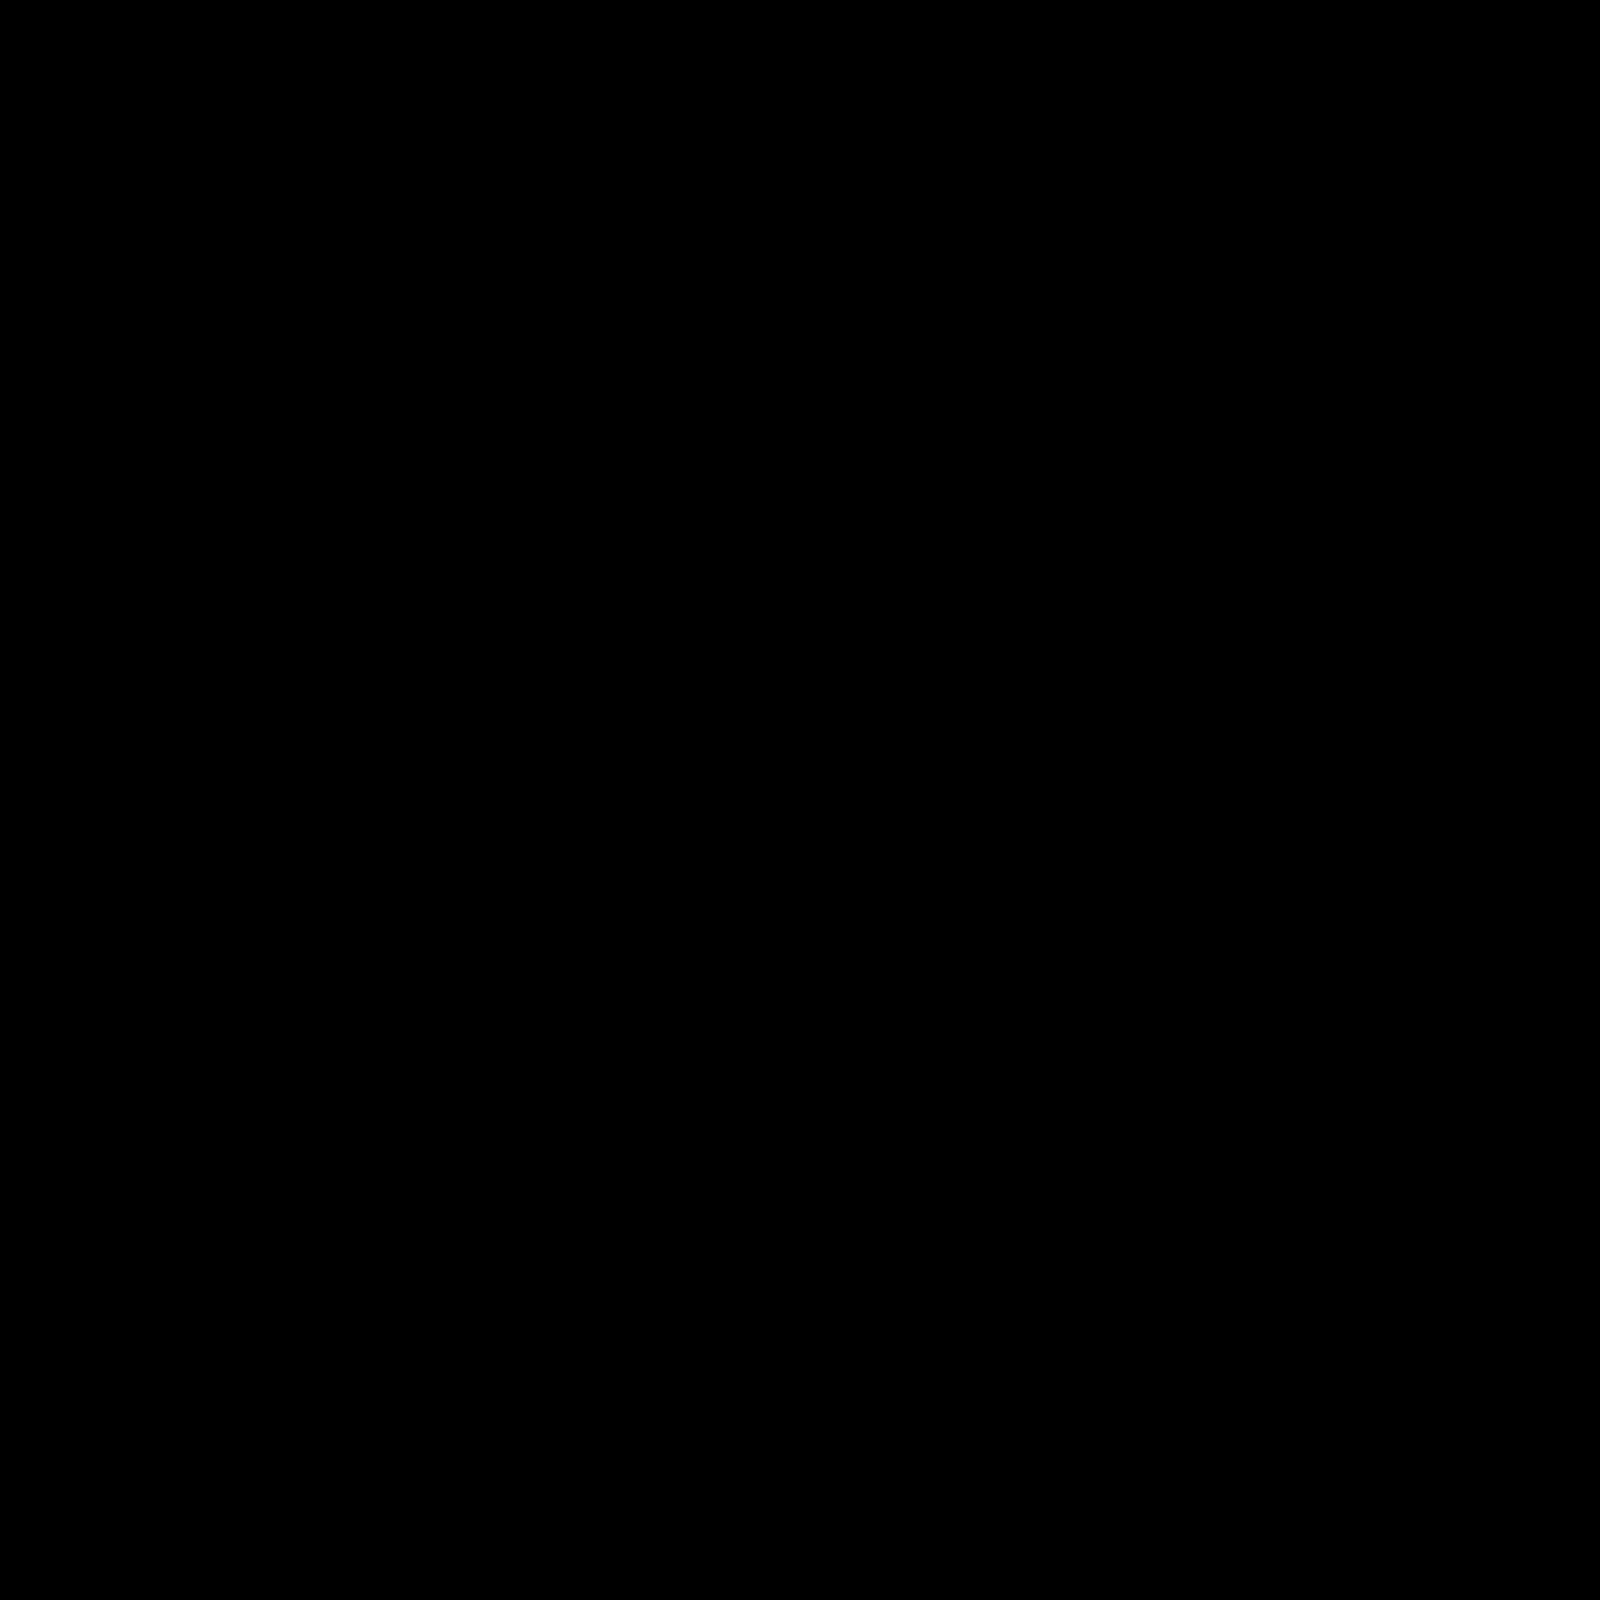 Motor Vehicle icon